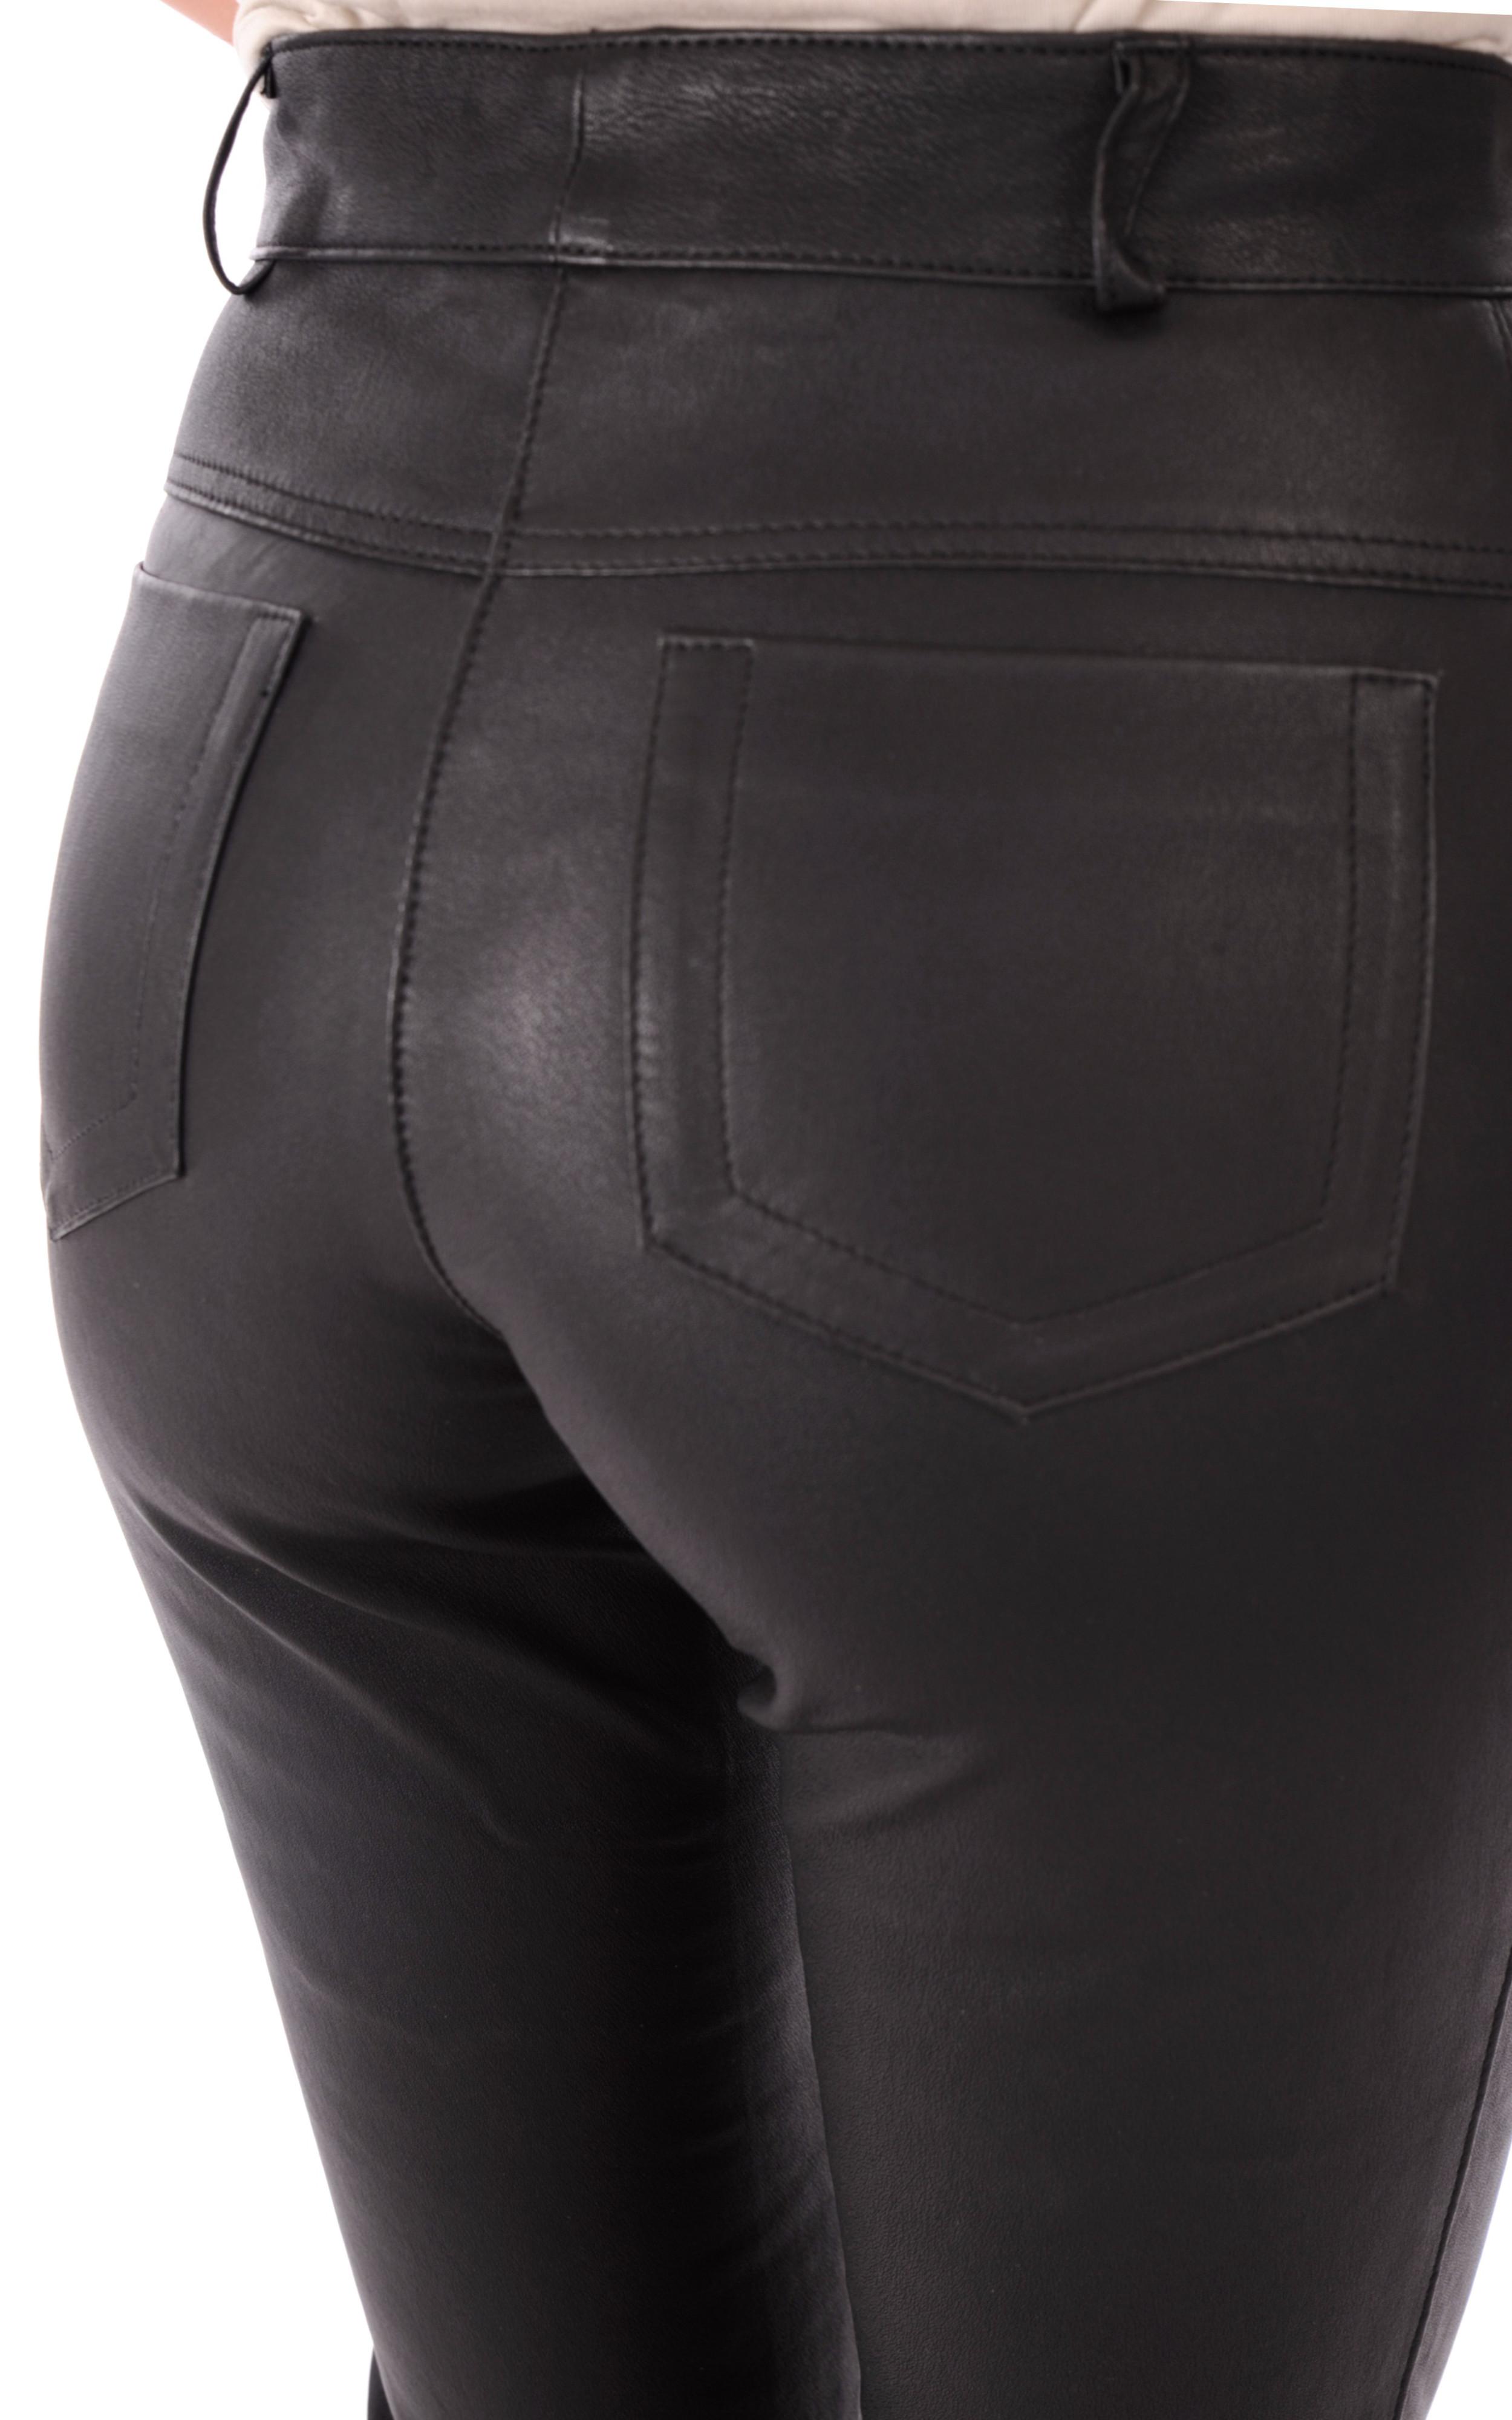 Pantalon Cuir Strecht Noir Coupe Droite La Canadienne